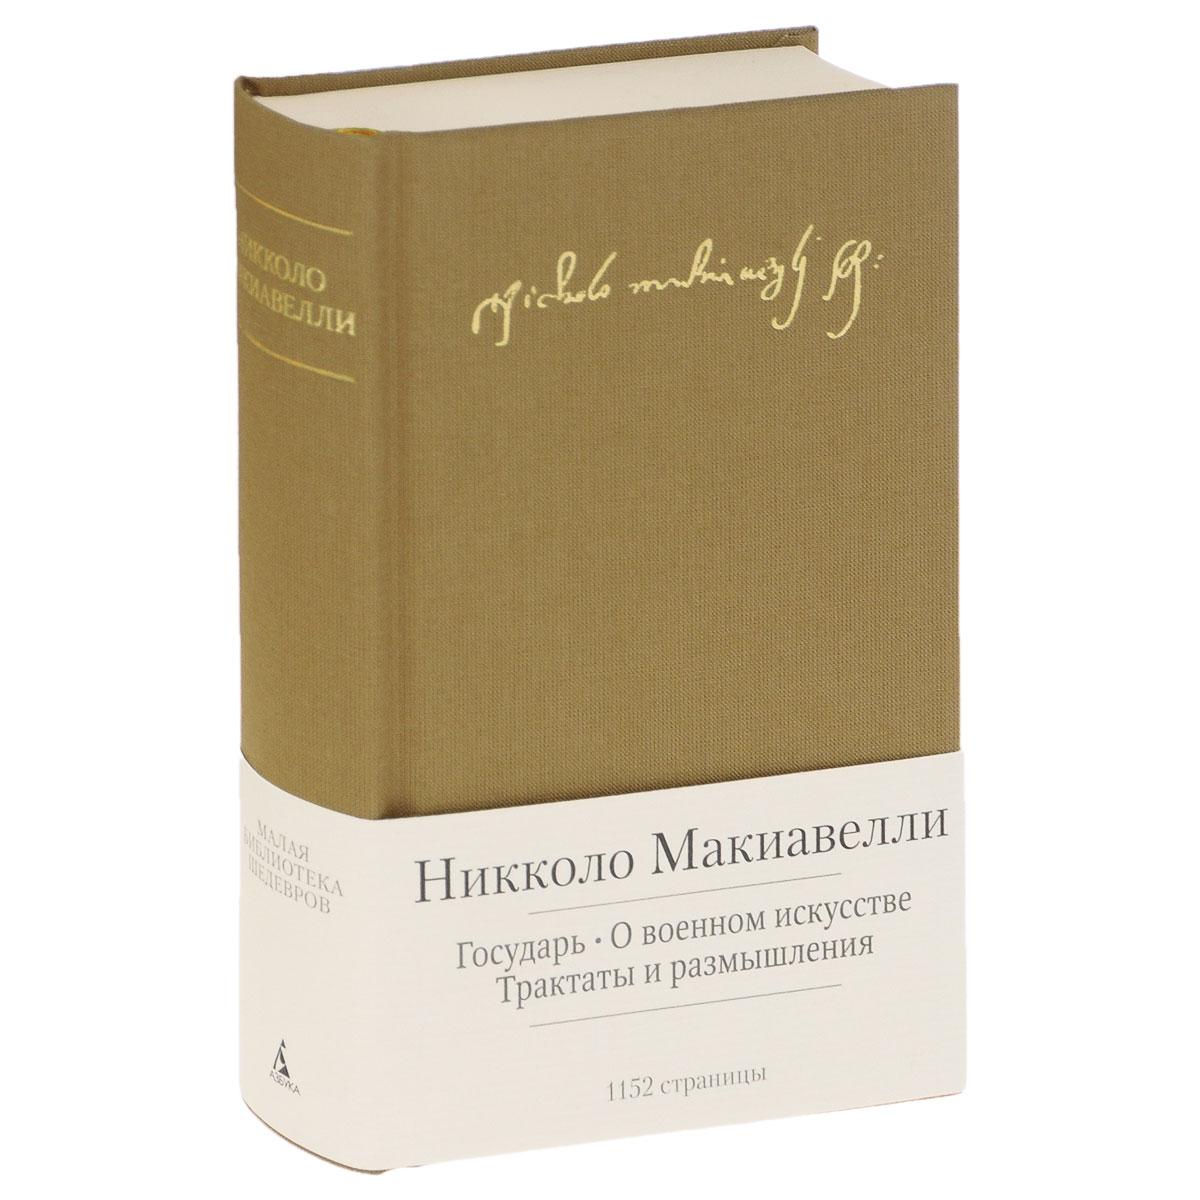 Никколо Макиавелли Государь. О военном искусстве. Трактаты и размышления